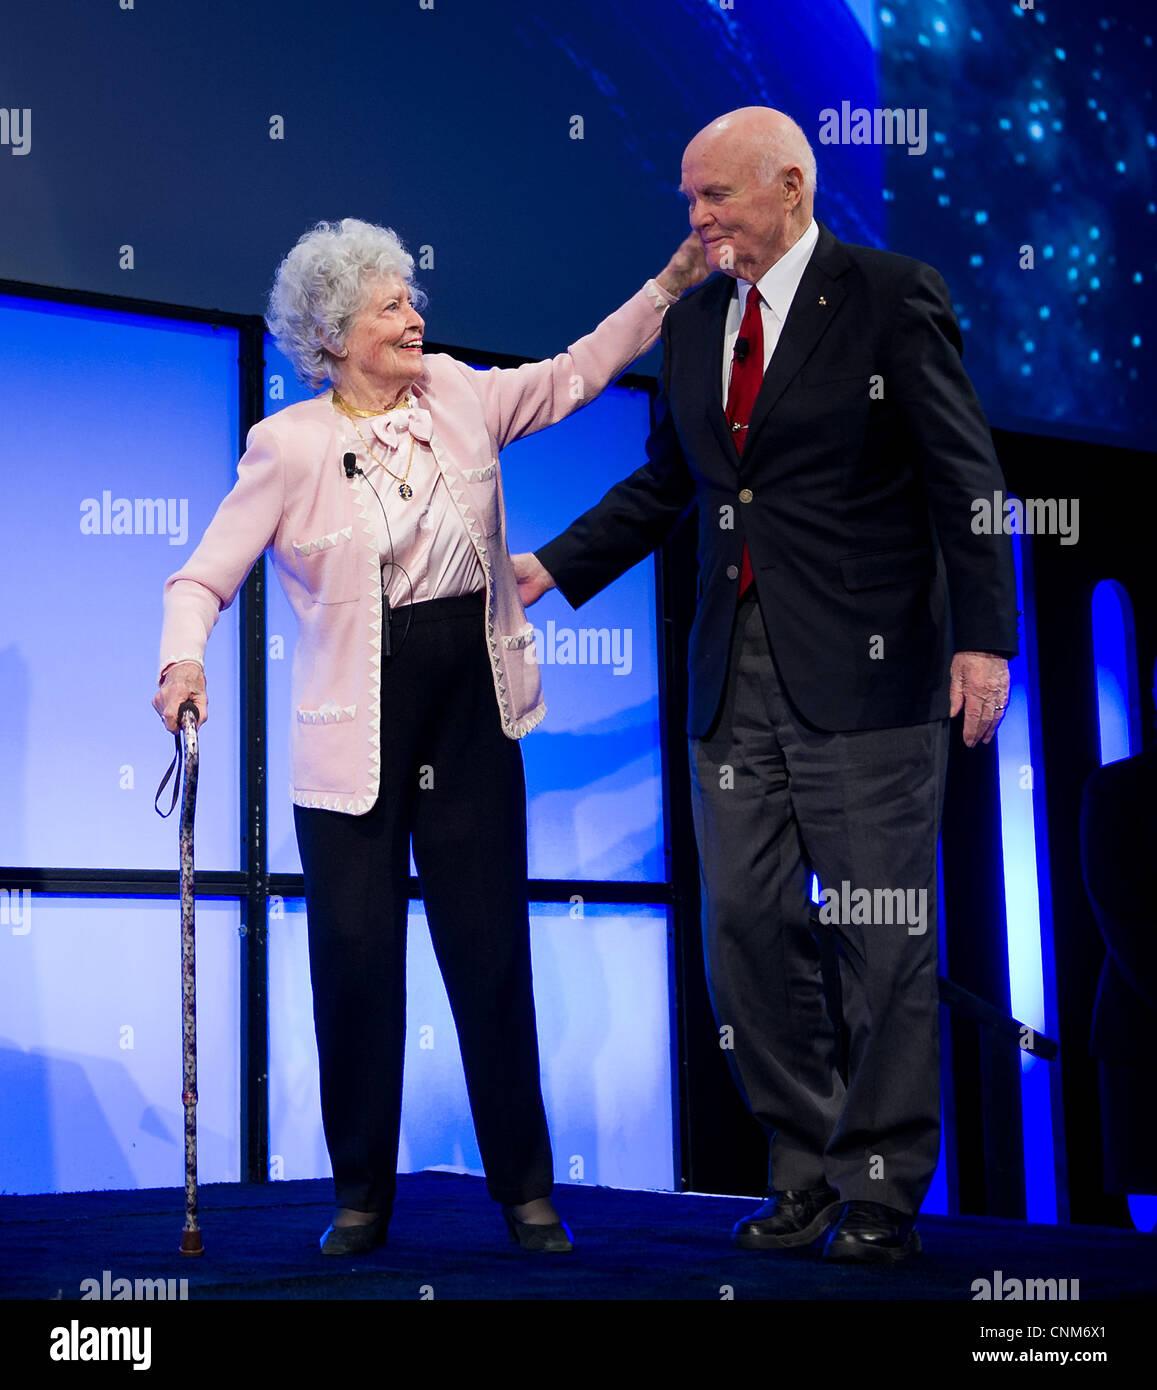 L'ancien sénateur John Glenn et son épouse Annie prendre la scène lors d'une célébration en l'honneur du 50e anniversaire de John Glenn à bord du vol historique de l'Amitié 7 Février 20, 2012 à Columbus, Ohio. Glenn est le premier Américain en orbite autour de la Terre. Banque D'Images